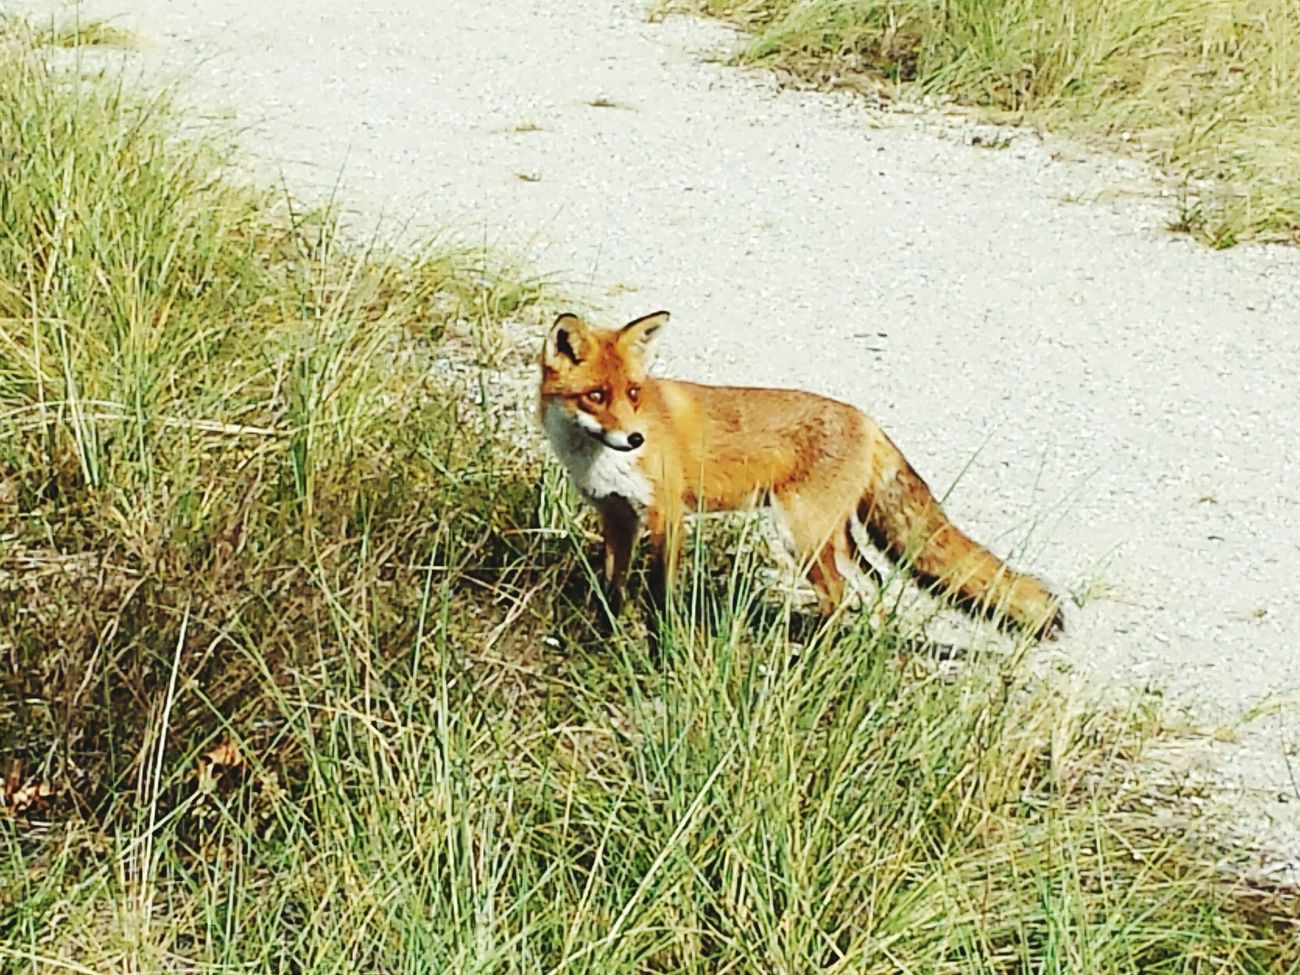 Fox Noordwijk Sand Dunes Fox